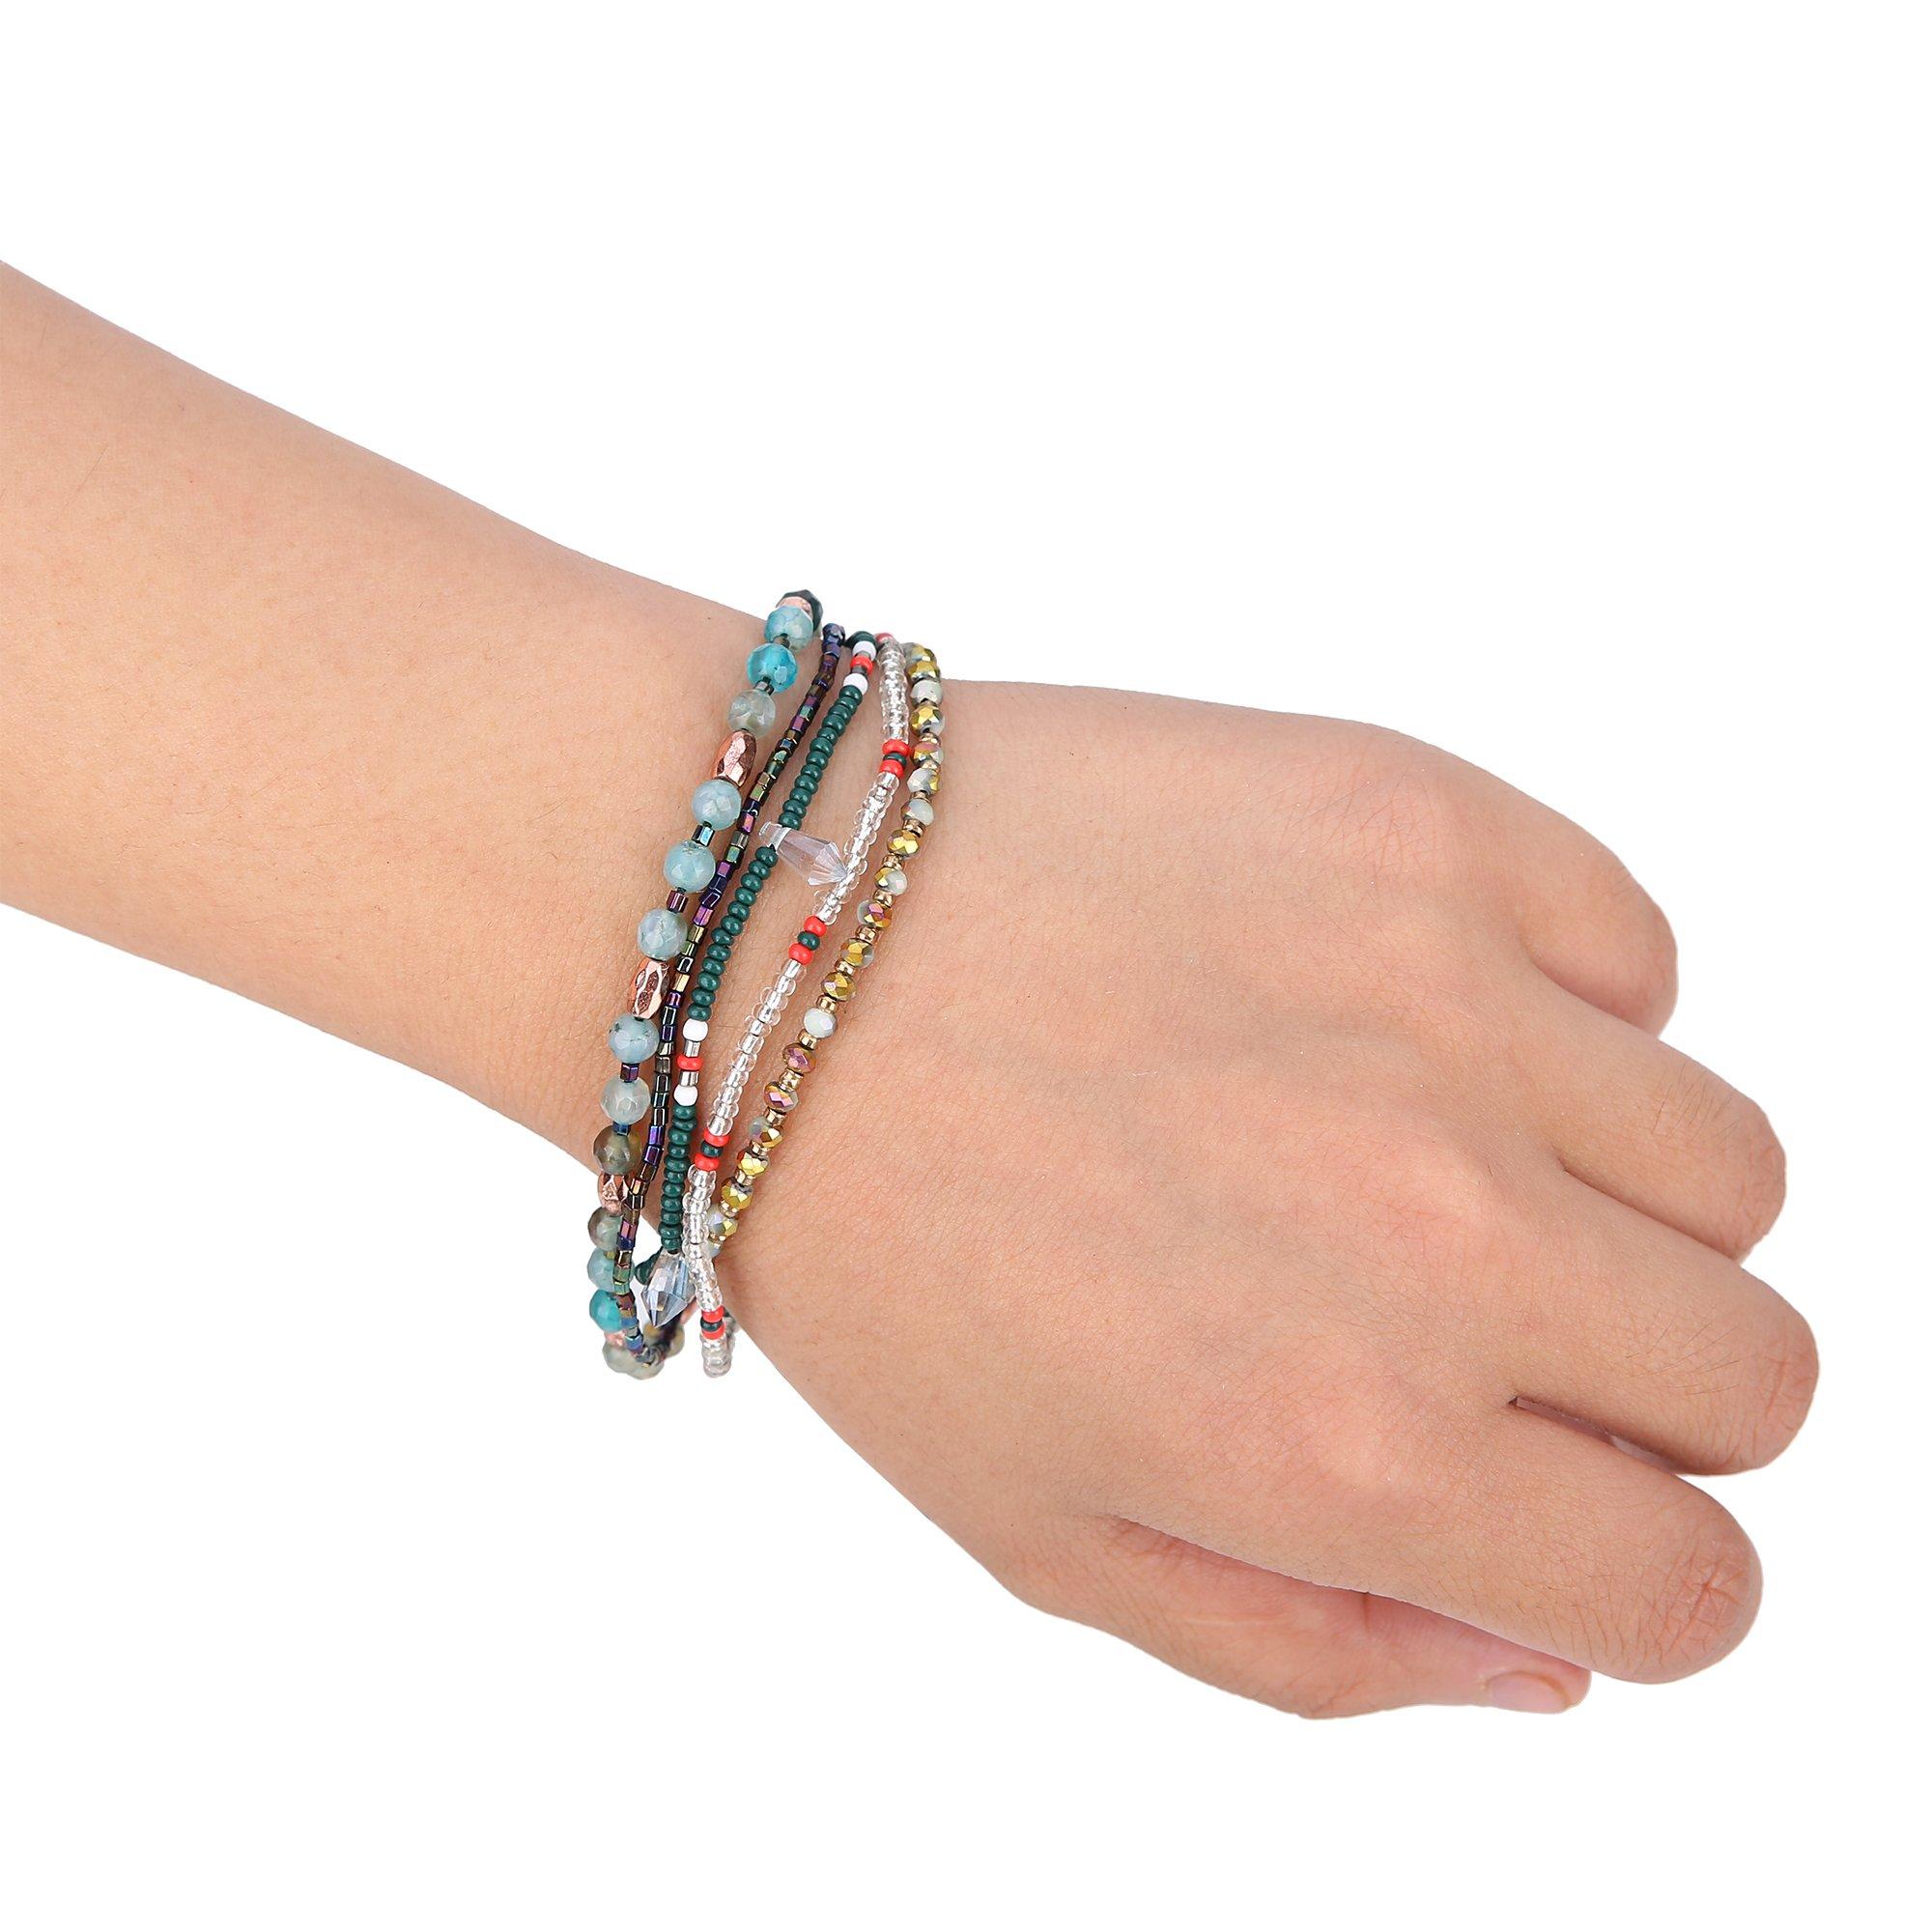 Joya Gift Adjustable Wrap Bracelet Bohemian Braided Beads Summer Beach Anklet for Women Girls by Joya Gift (Image #5)